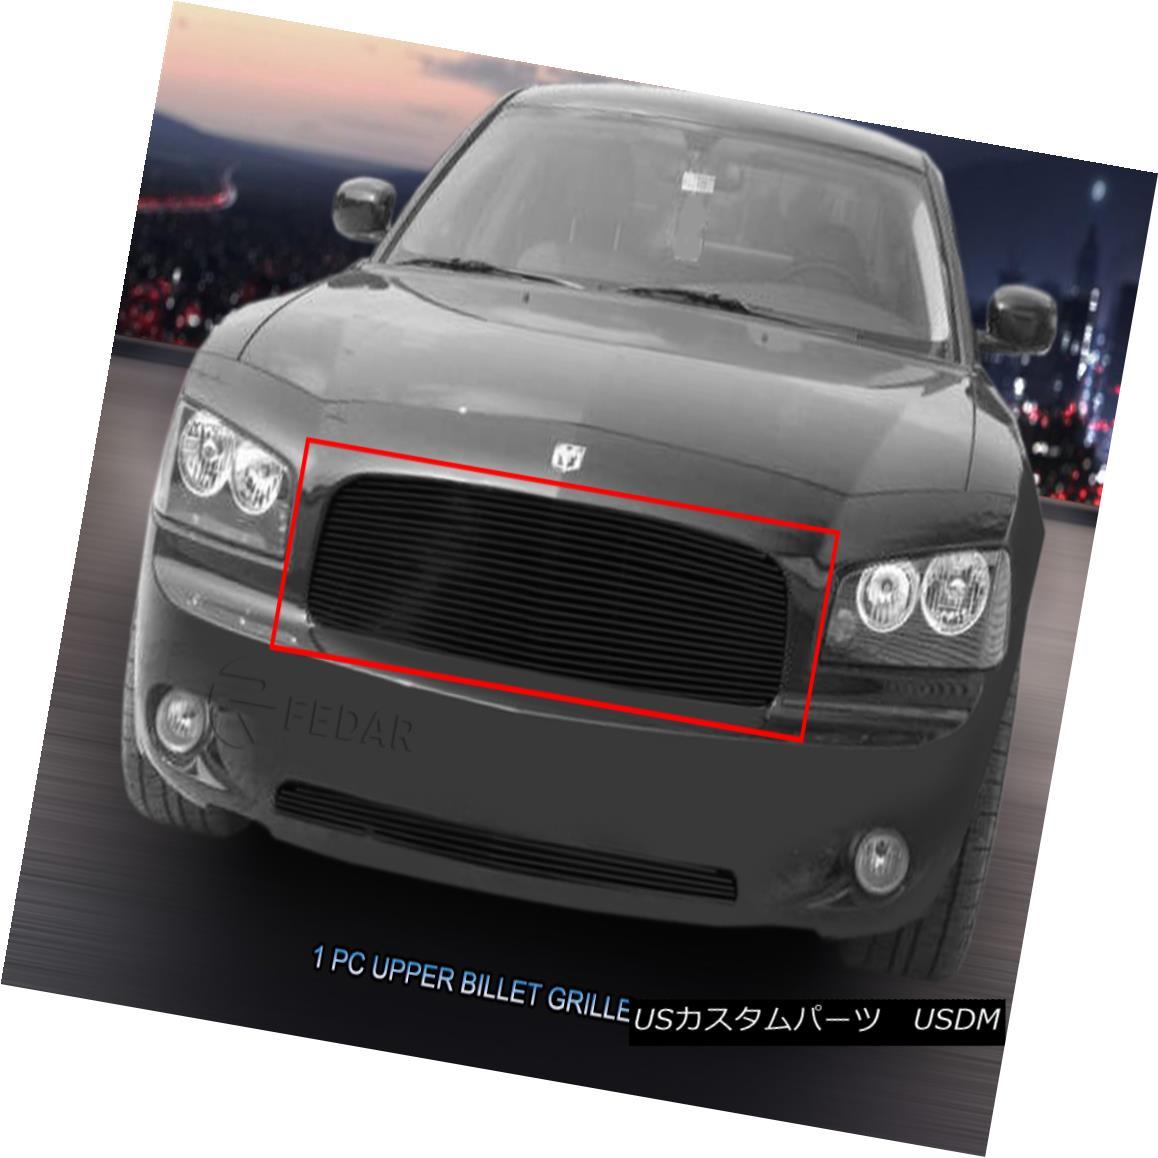 グリル 05-10 Dodge Charger Black Billet Grille Upper Grill Insert Fedar 05-10ダッジチャージャーブラックビレットグリルアッパーグリルインサートフェルダー